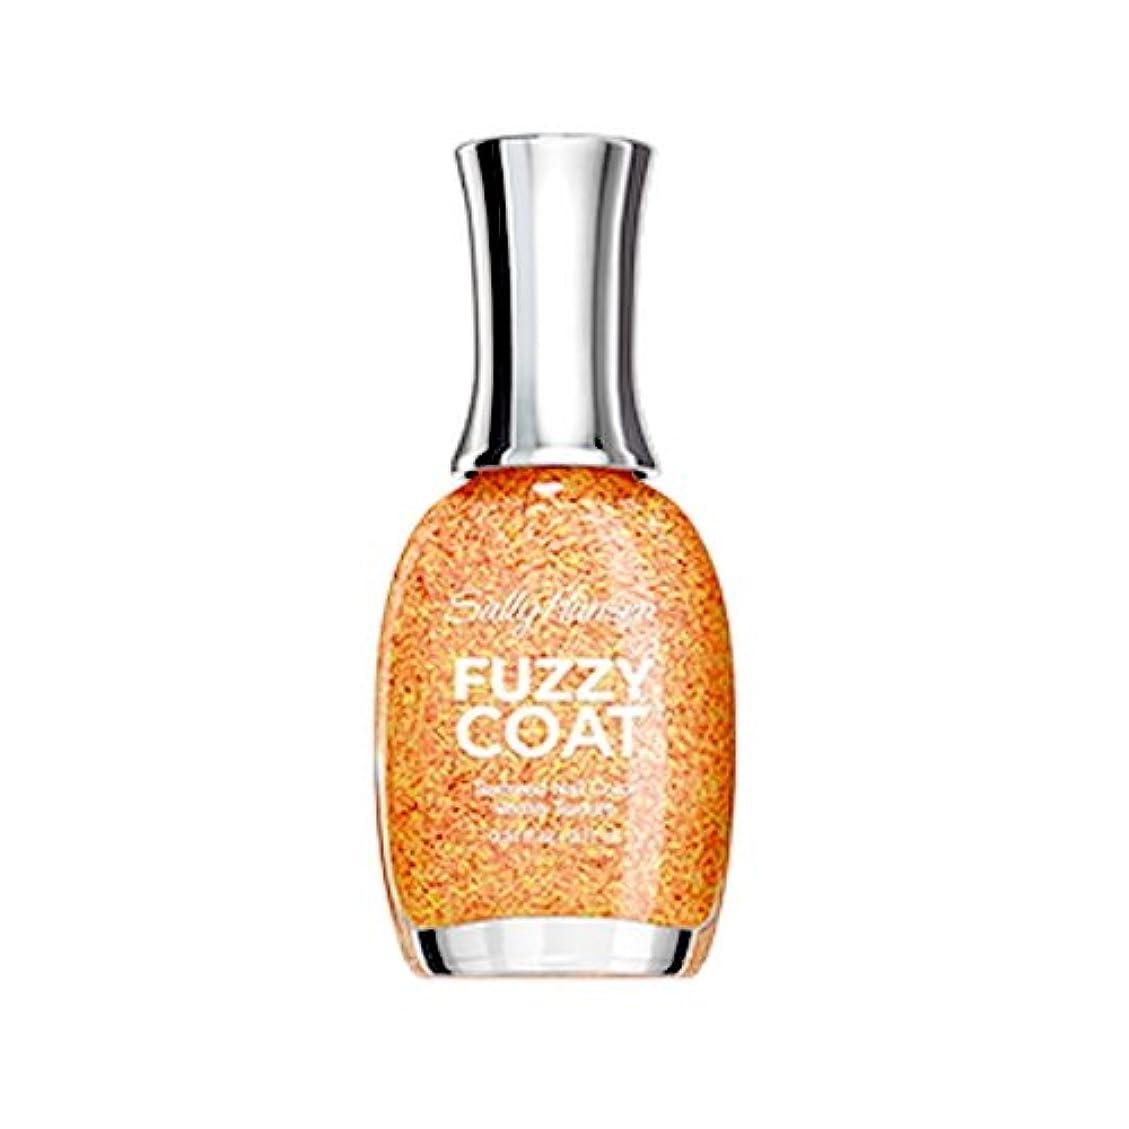 地区ペア単なる(6 Pack) SALLY HANSEN Fuzzy Coat Special Effect Textured Nail Color - Peach Fuzz (並行輸入品)